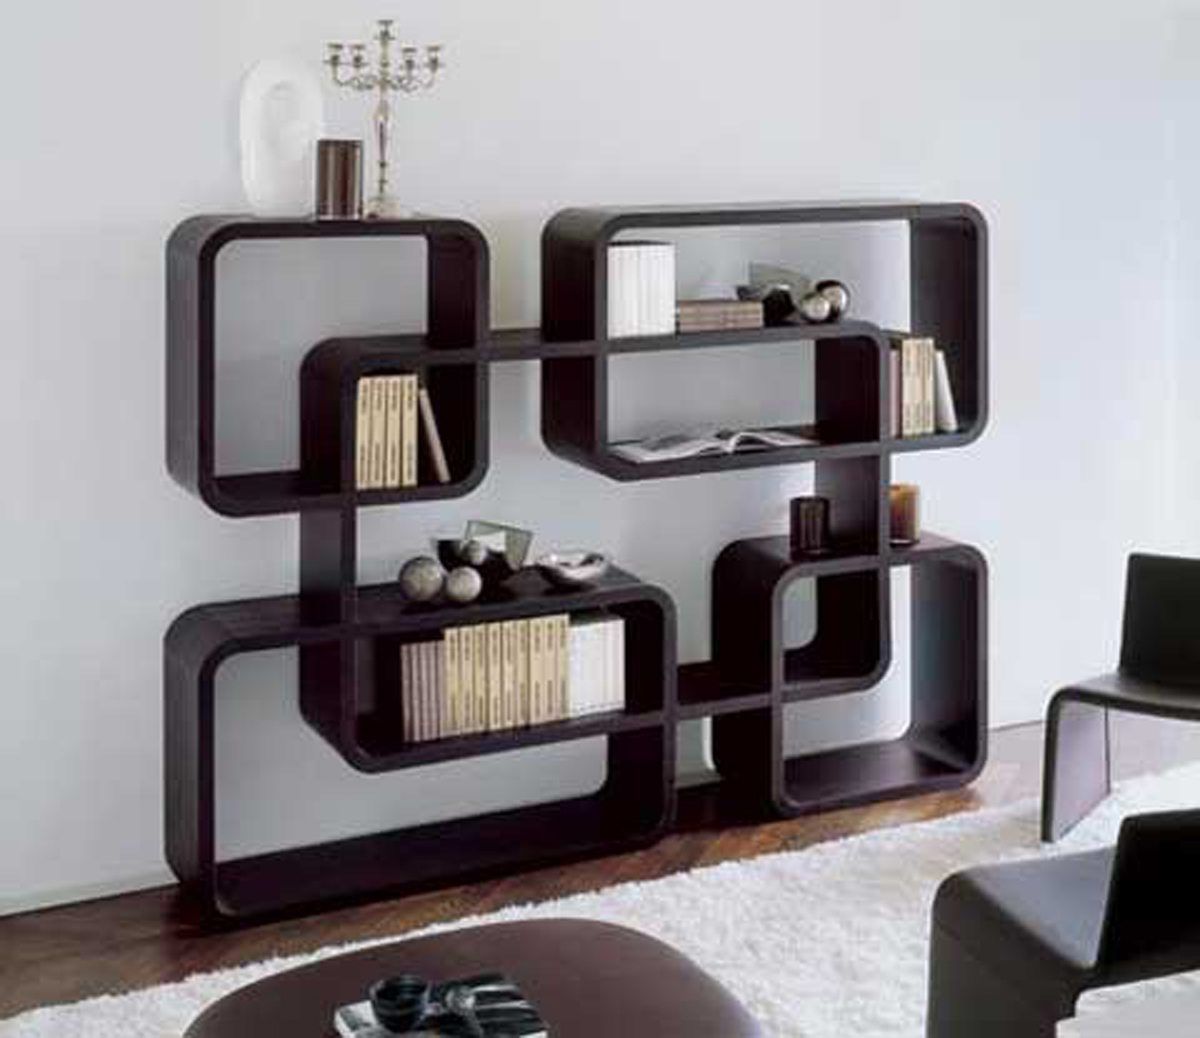 Hexagonal Wall Shelf - Interesting ideas for accommodation living room shelves